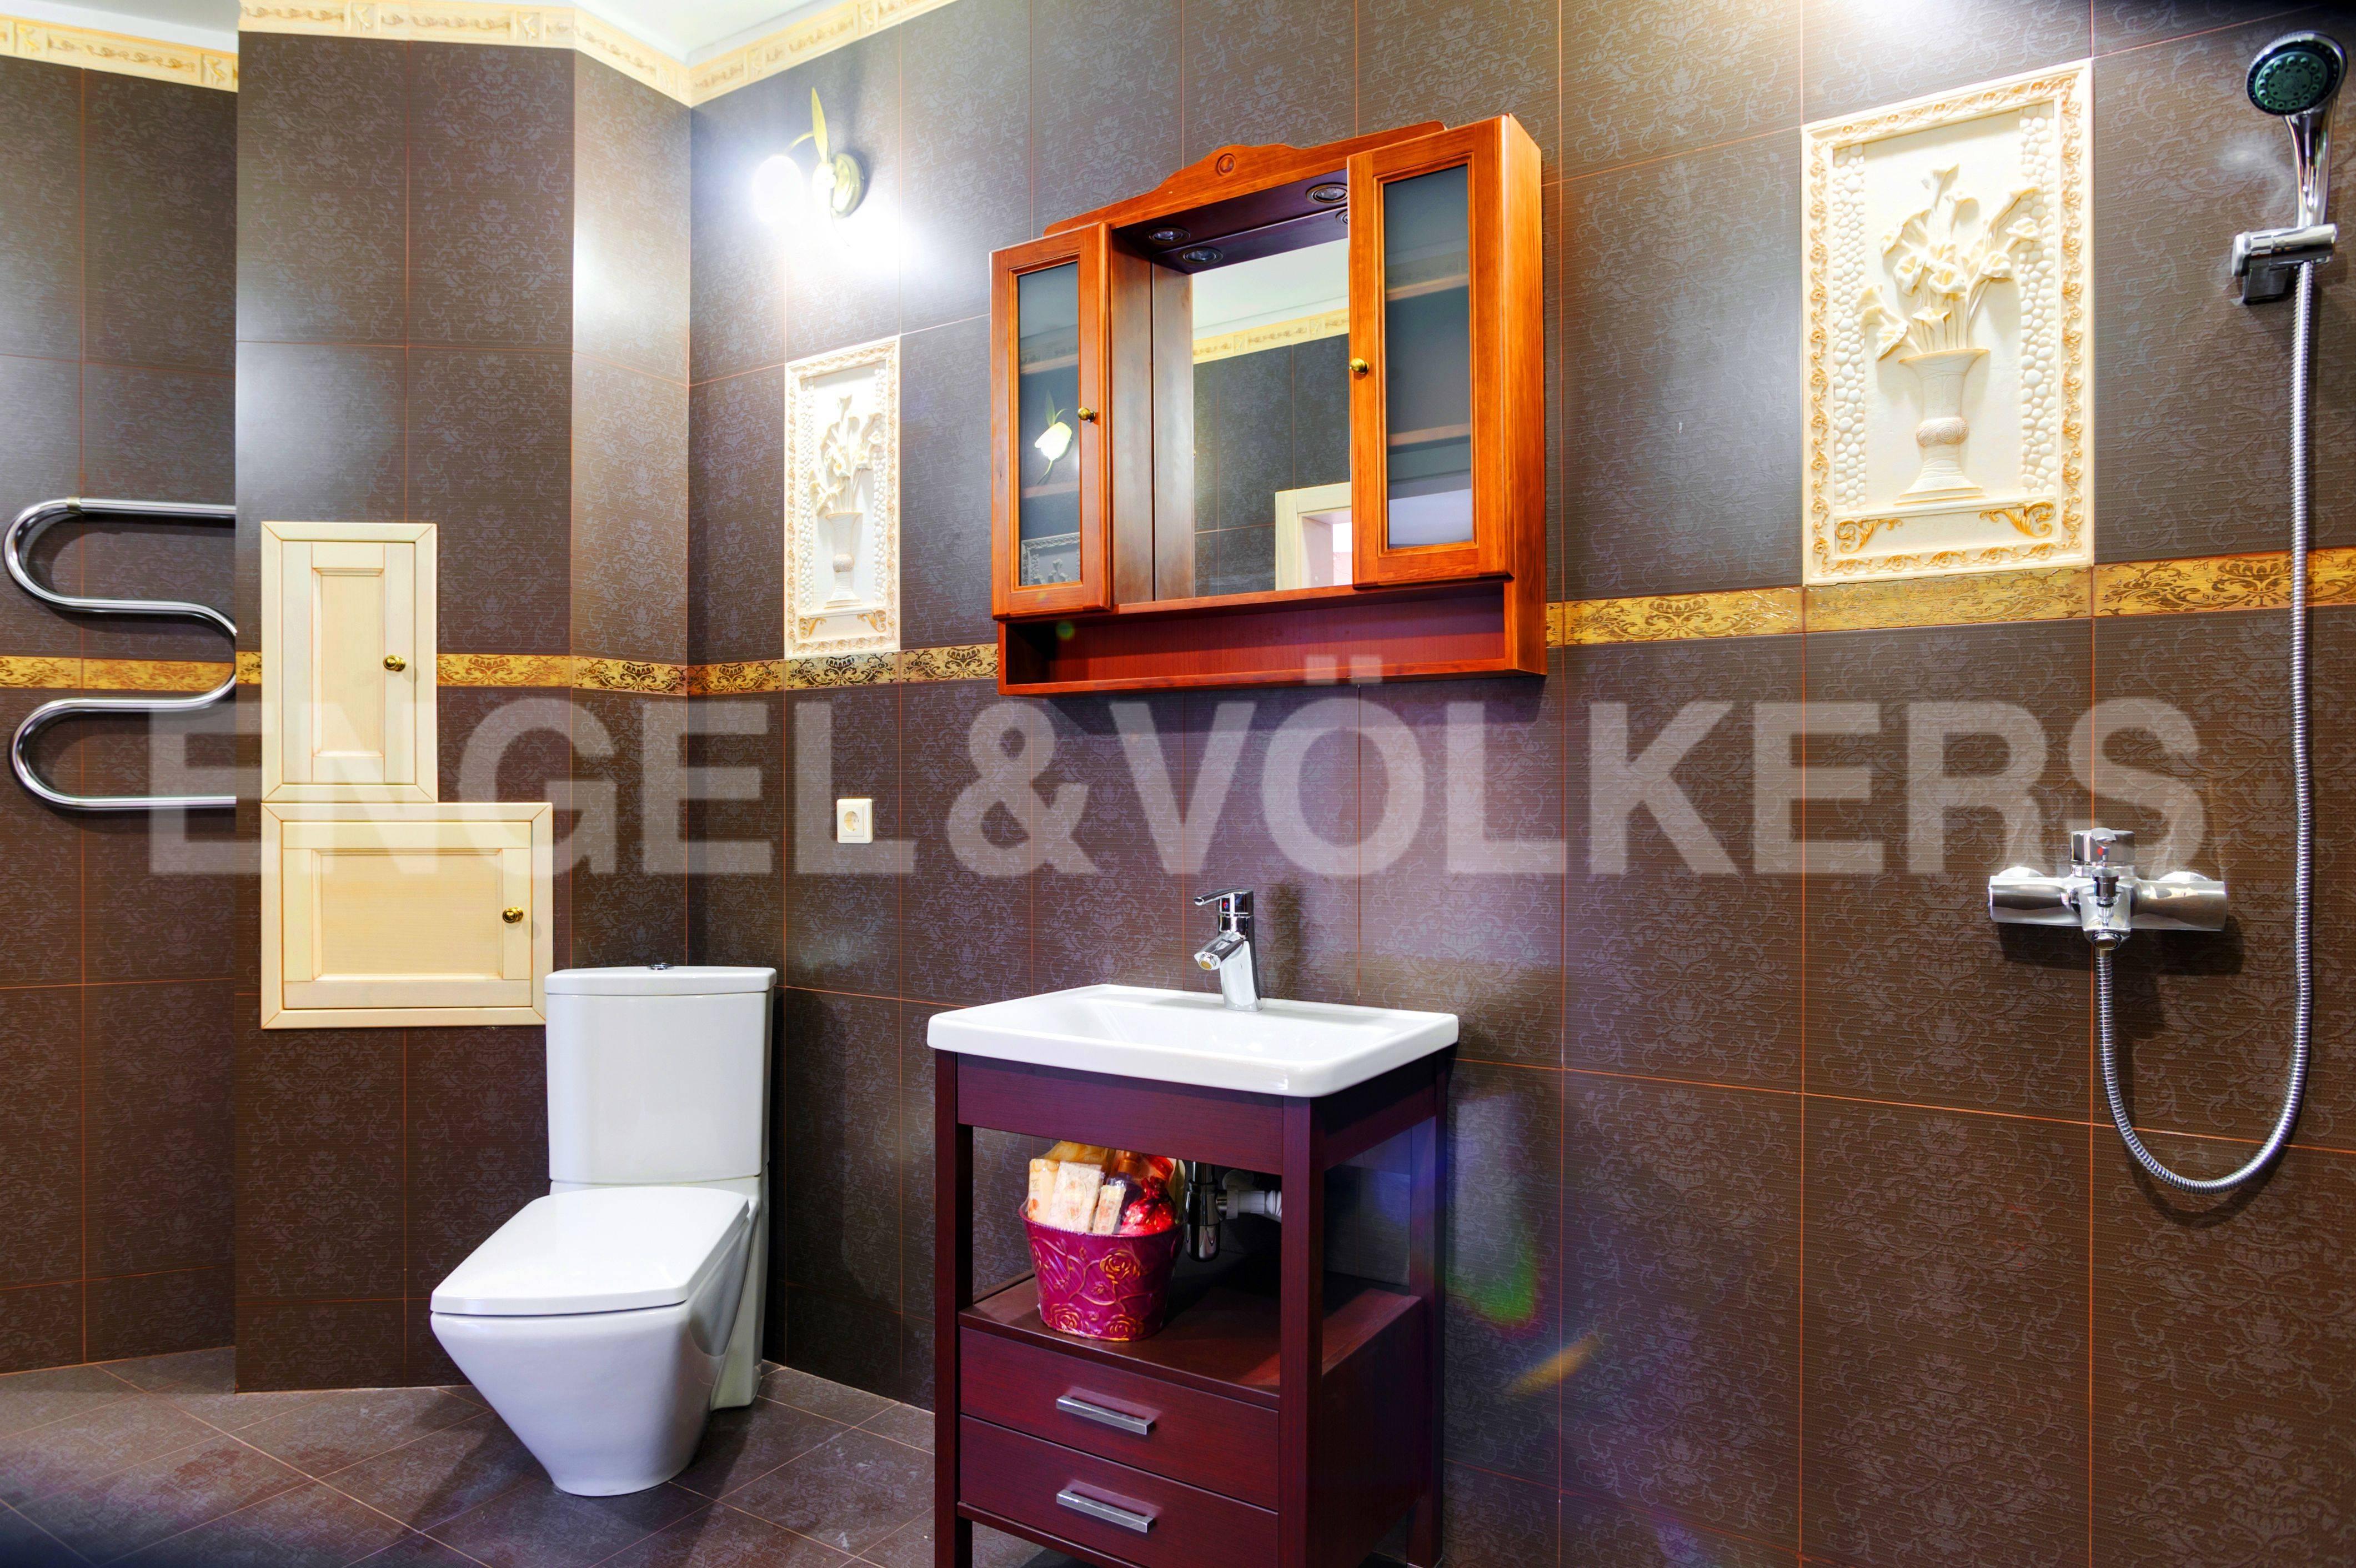 Элитные квартиры в Центральном районе. Санкт-Петербург, Большой Сампсониевский пр. 4-6. Ванная комната в спальне